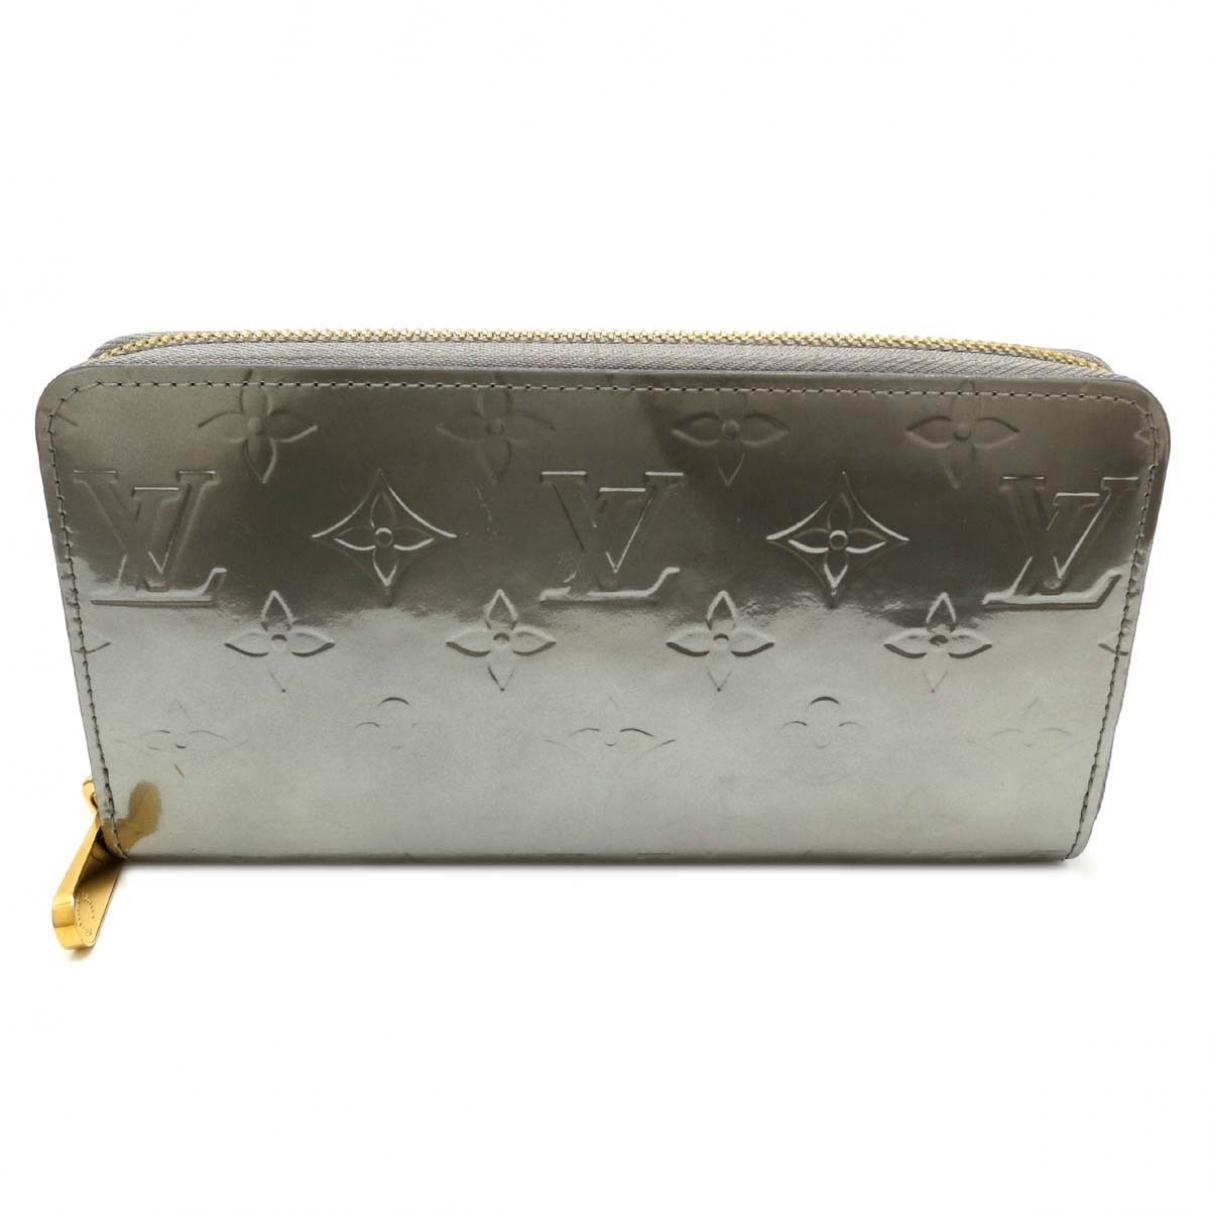 Louis Vuitton - Portefeuille Zippy pour femme en cuir verni - argente